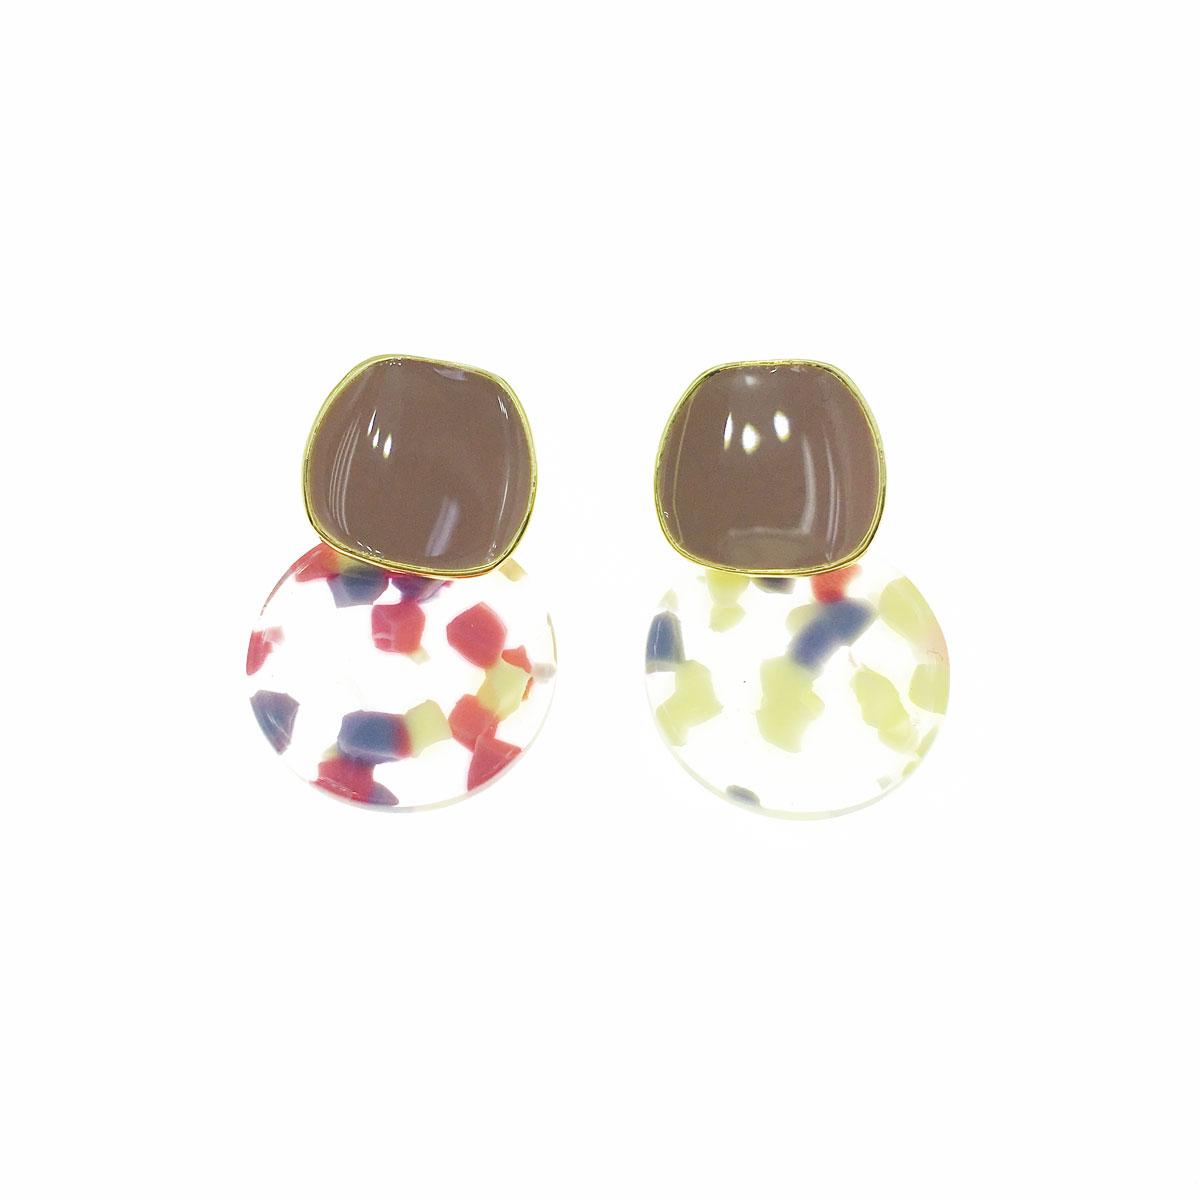 韓國 925純銀 可愛 撞色 透明 垂墜感 耳針式 耳環